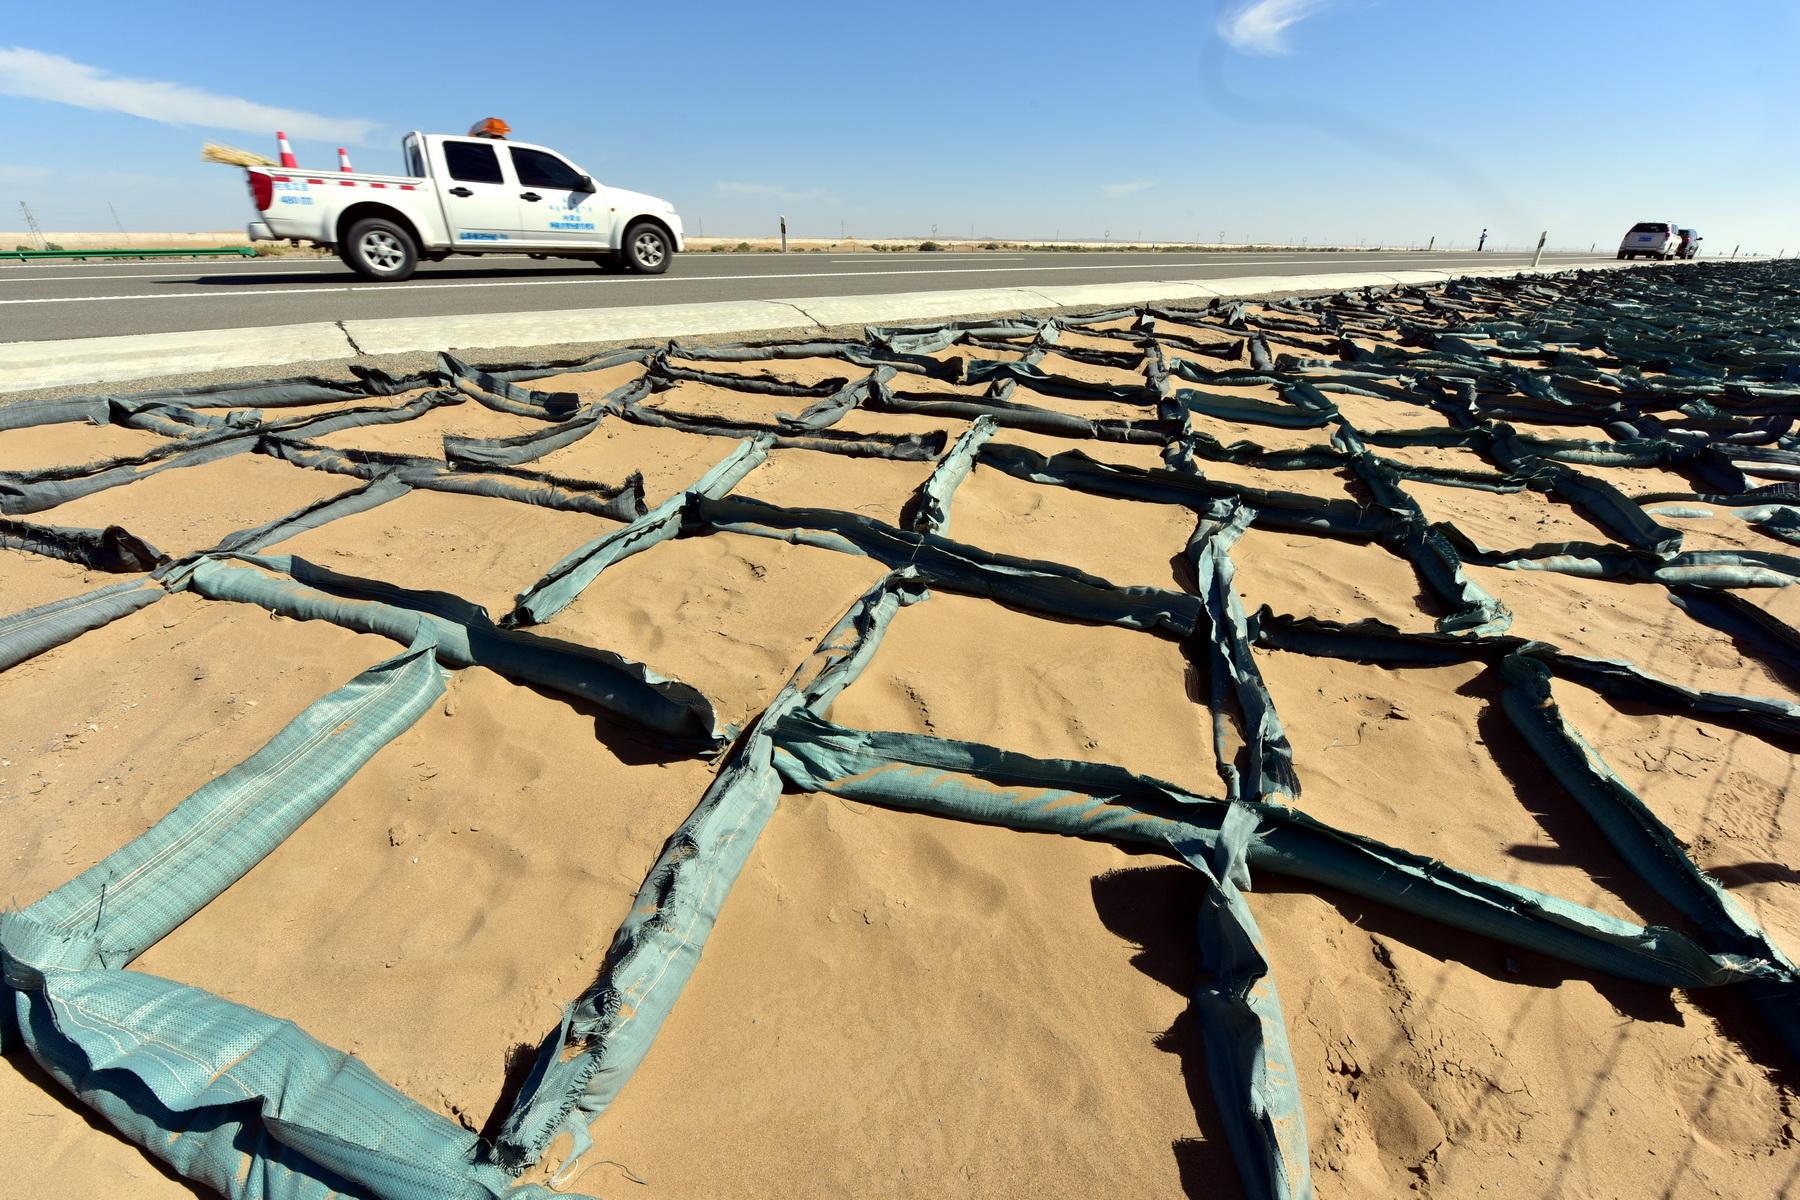 京新高速公路内蒙古临河至白疙瘩段沿途设置的固沙障.摄影/章轲